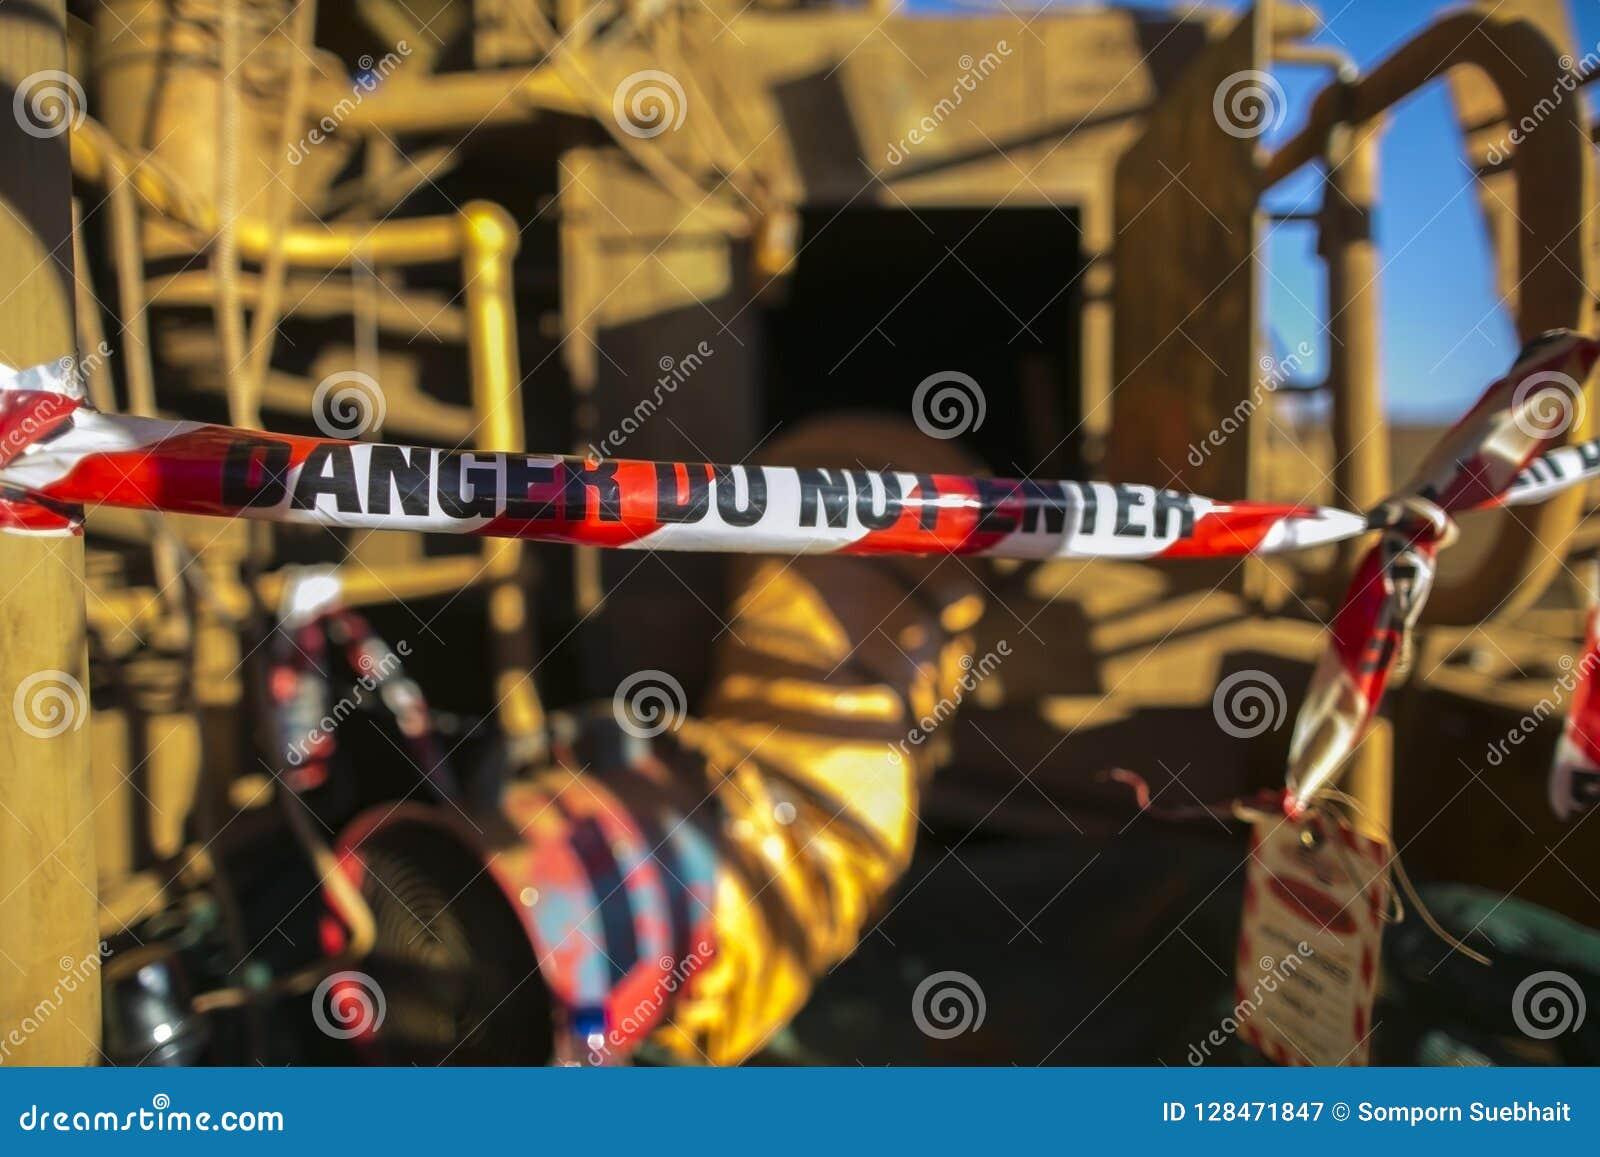 El área roja y blanca del peligro de la cinta de la barricada de exclusión en la puerta de entrada confinada del espacio autorizó